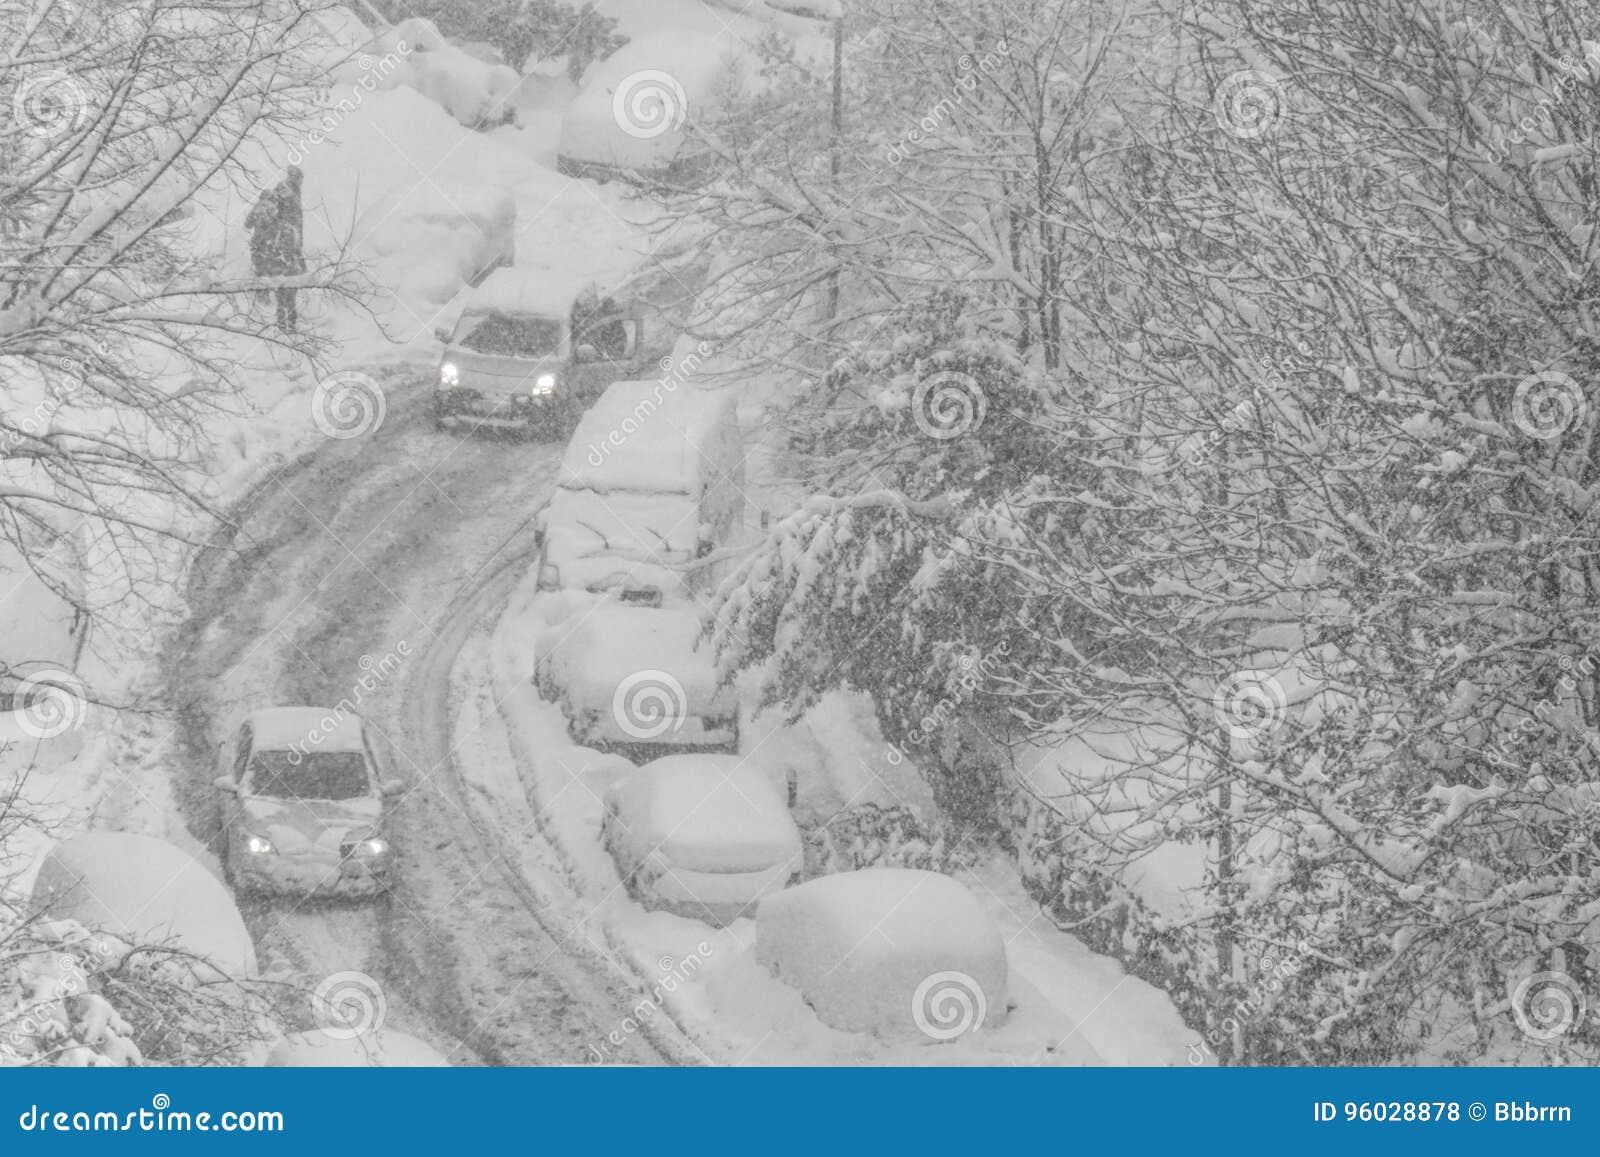 Ulica pod śniegiem w zimie